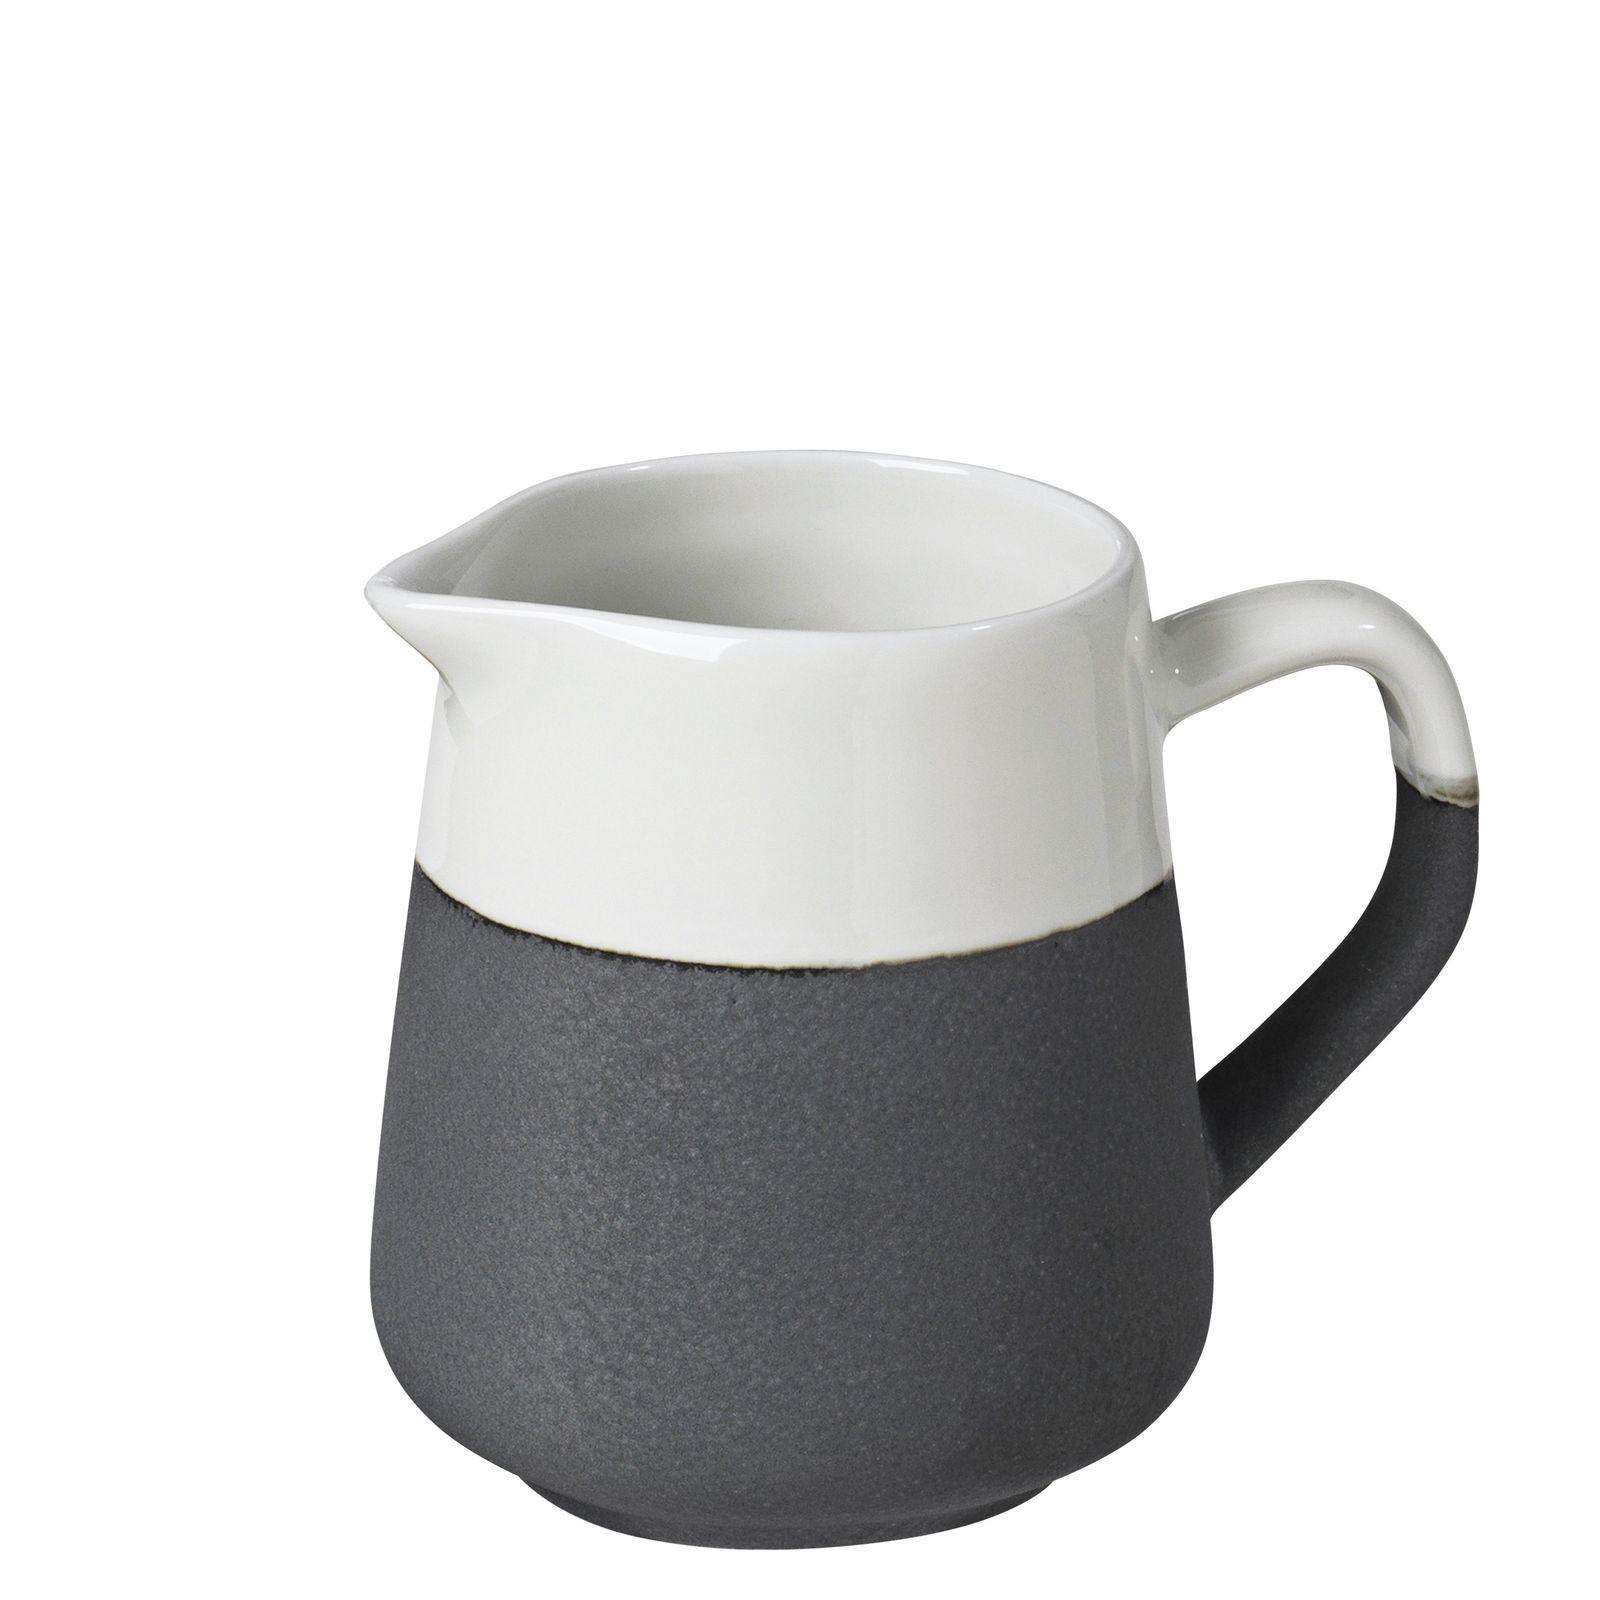 Кувшин Broste Esrum, цвет: белый, темно-серый, 150 мл, высота 8,5 см. 14533143